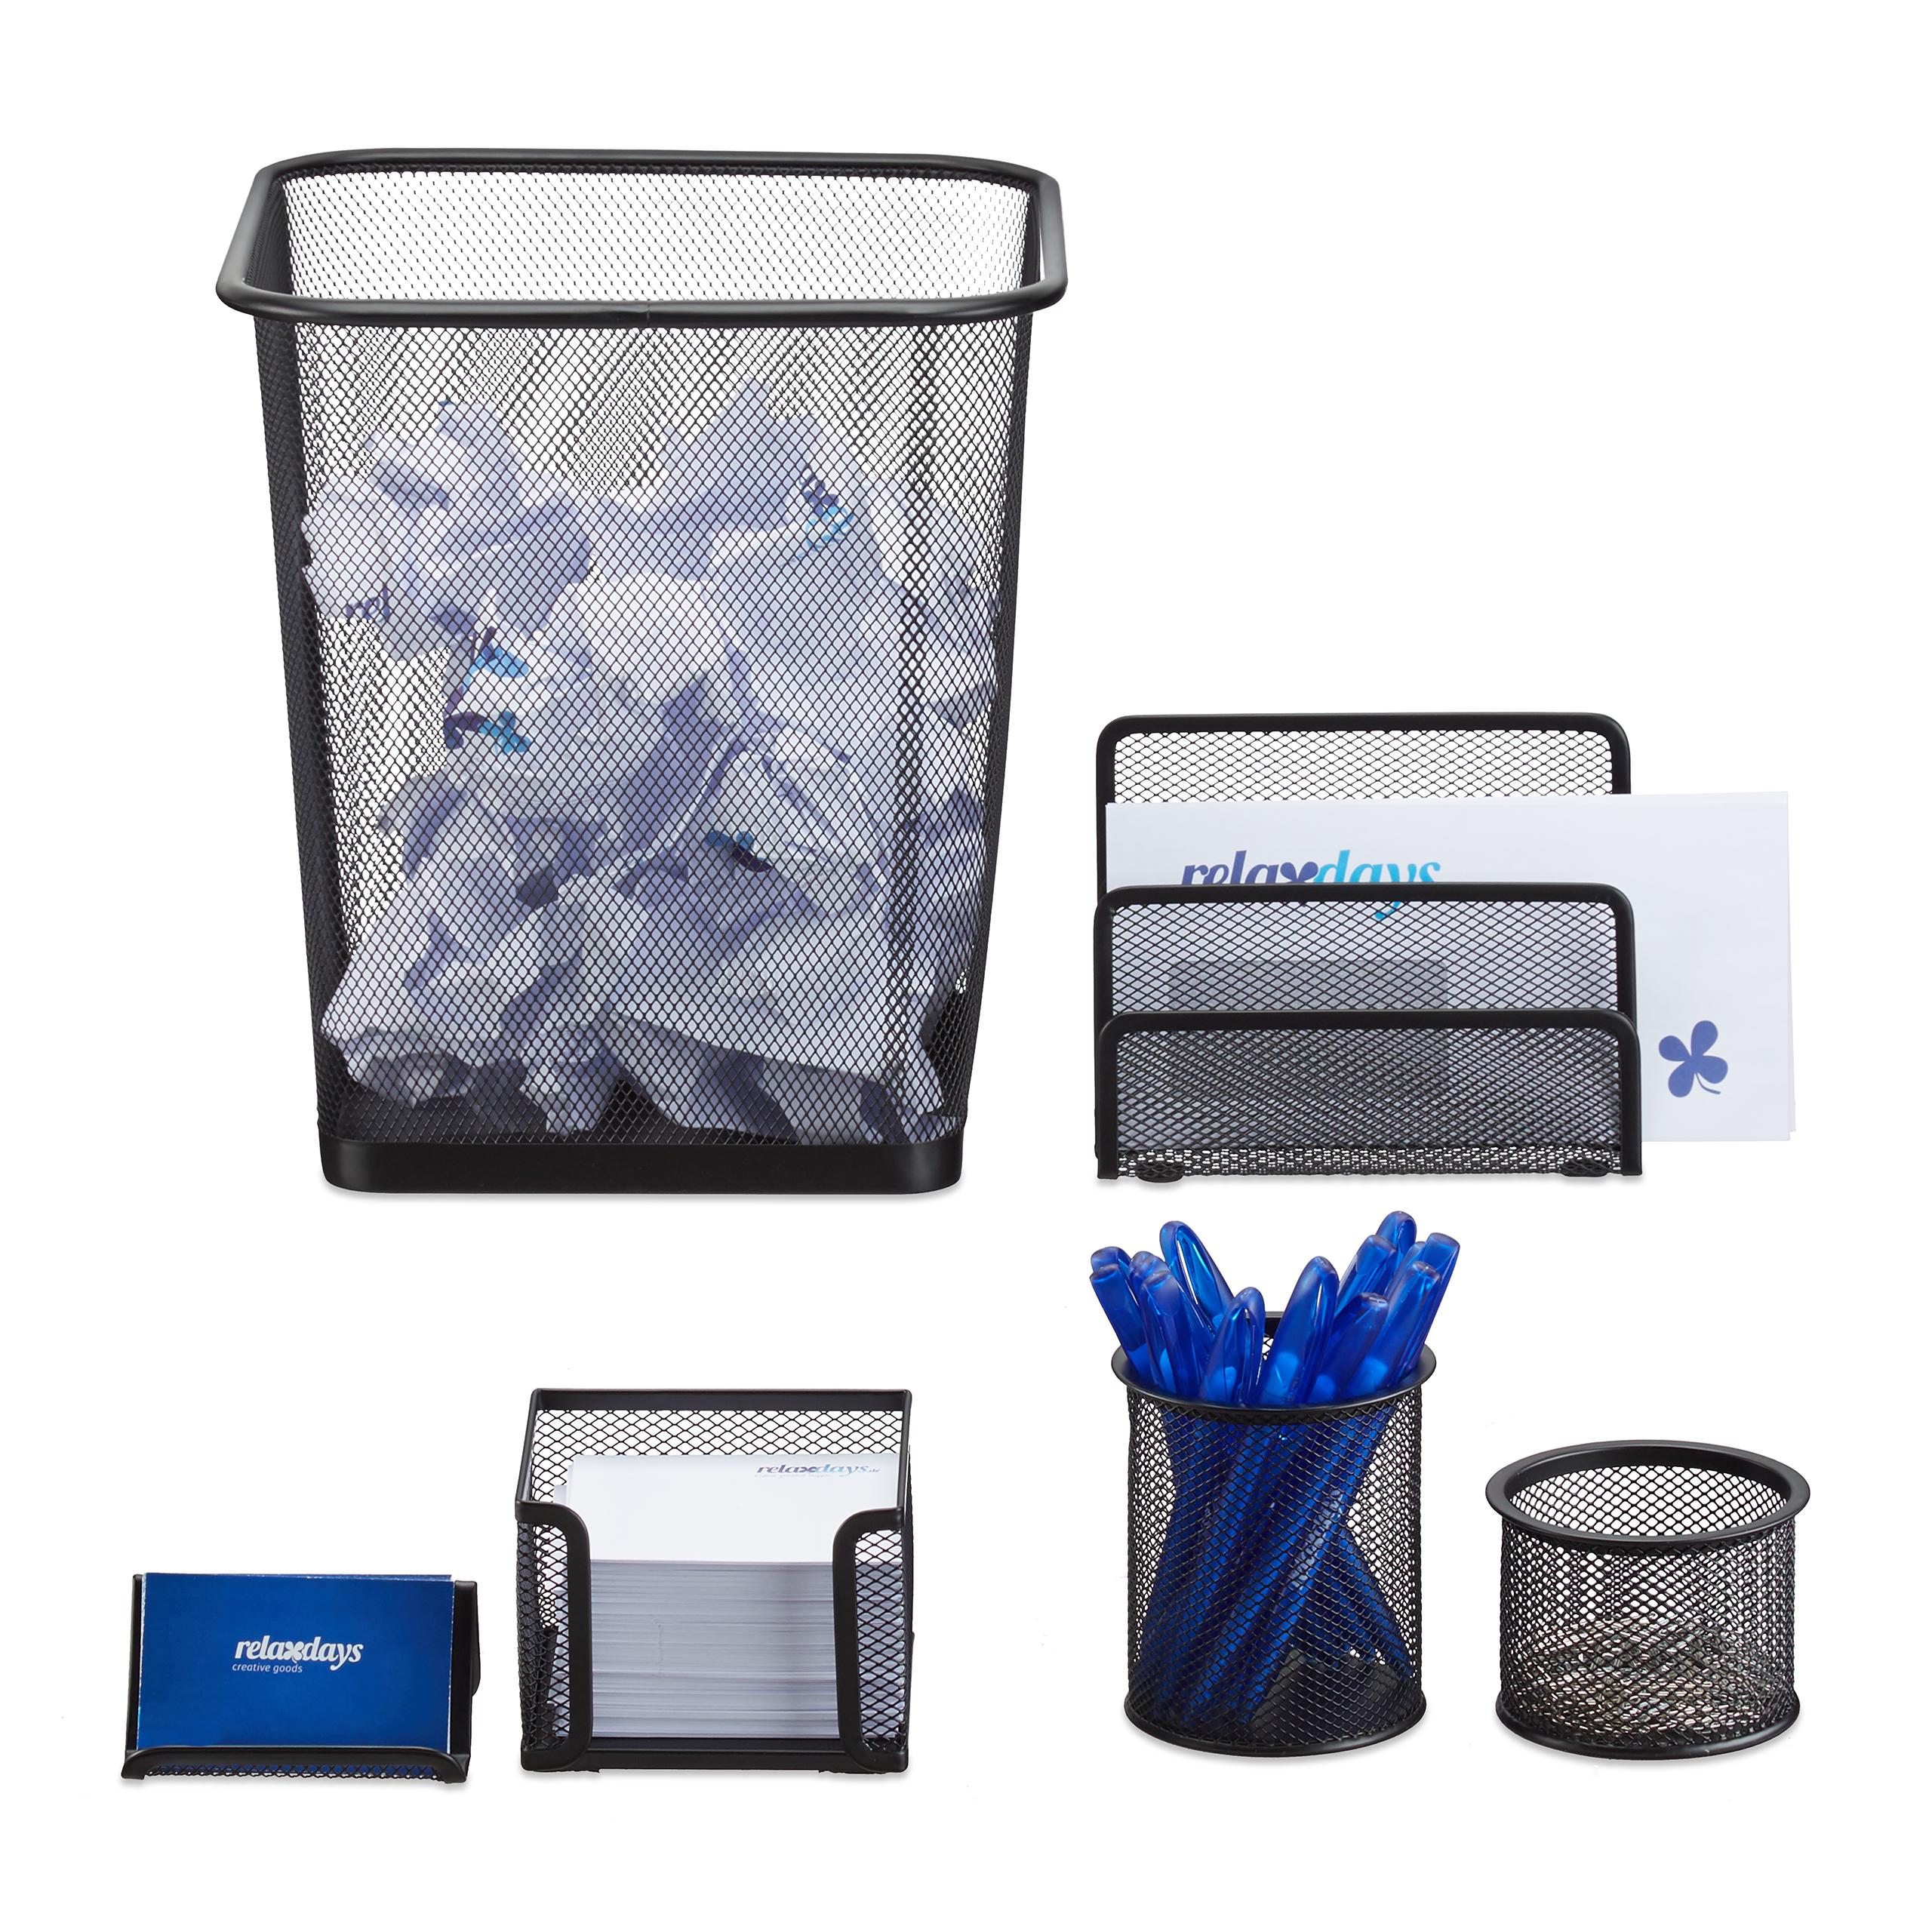 Schreibtisch Organizer 6 Teile Briefablage Stiftehalter Büroset Metall Ablagen